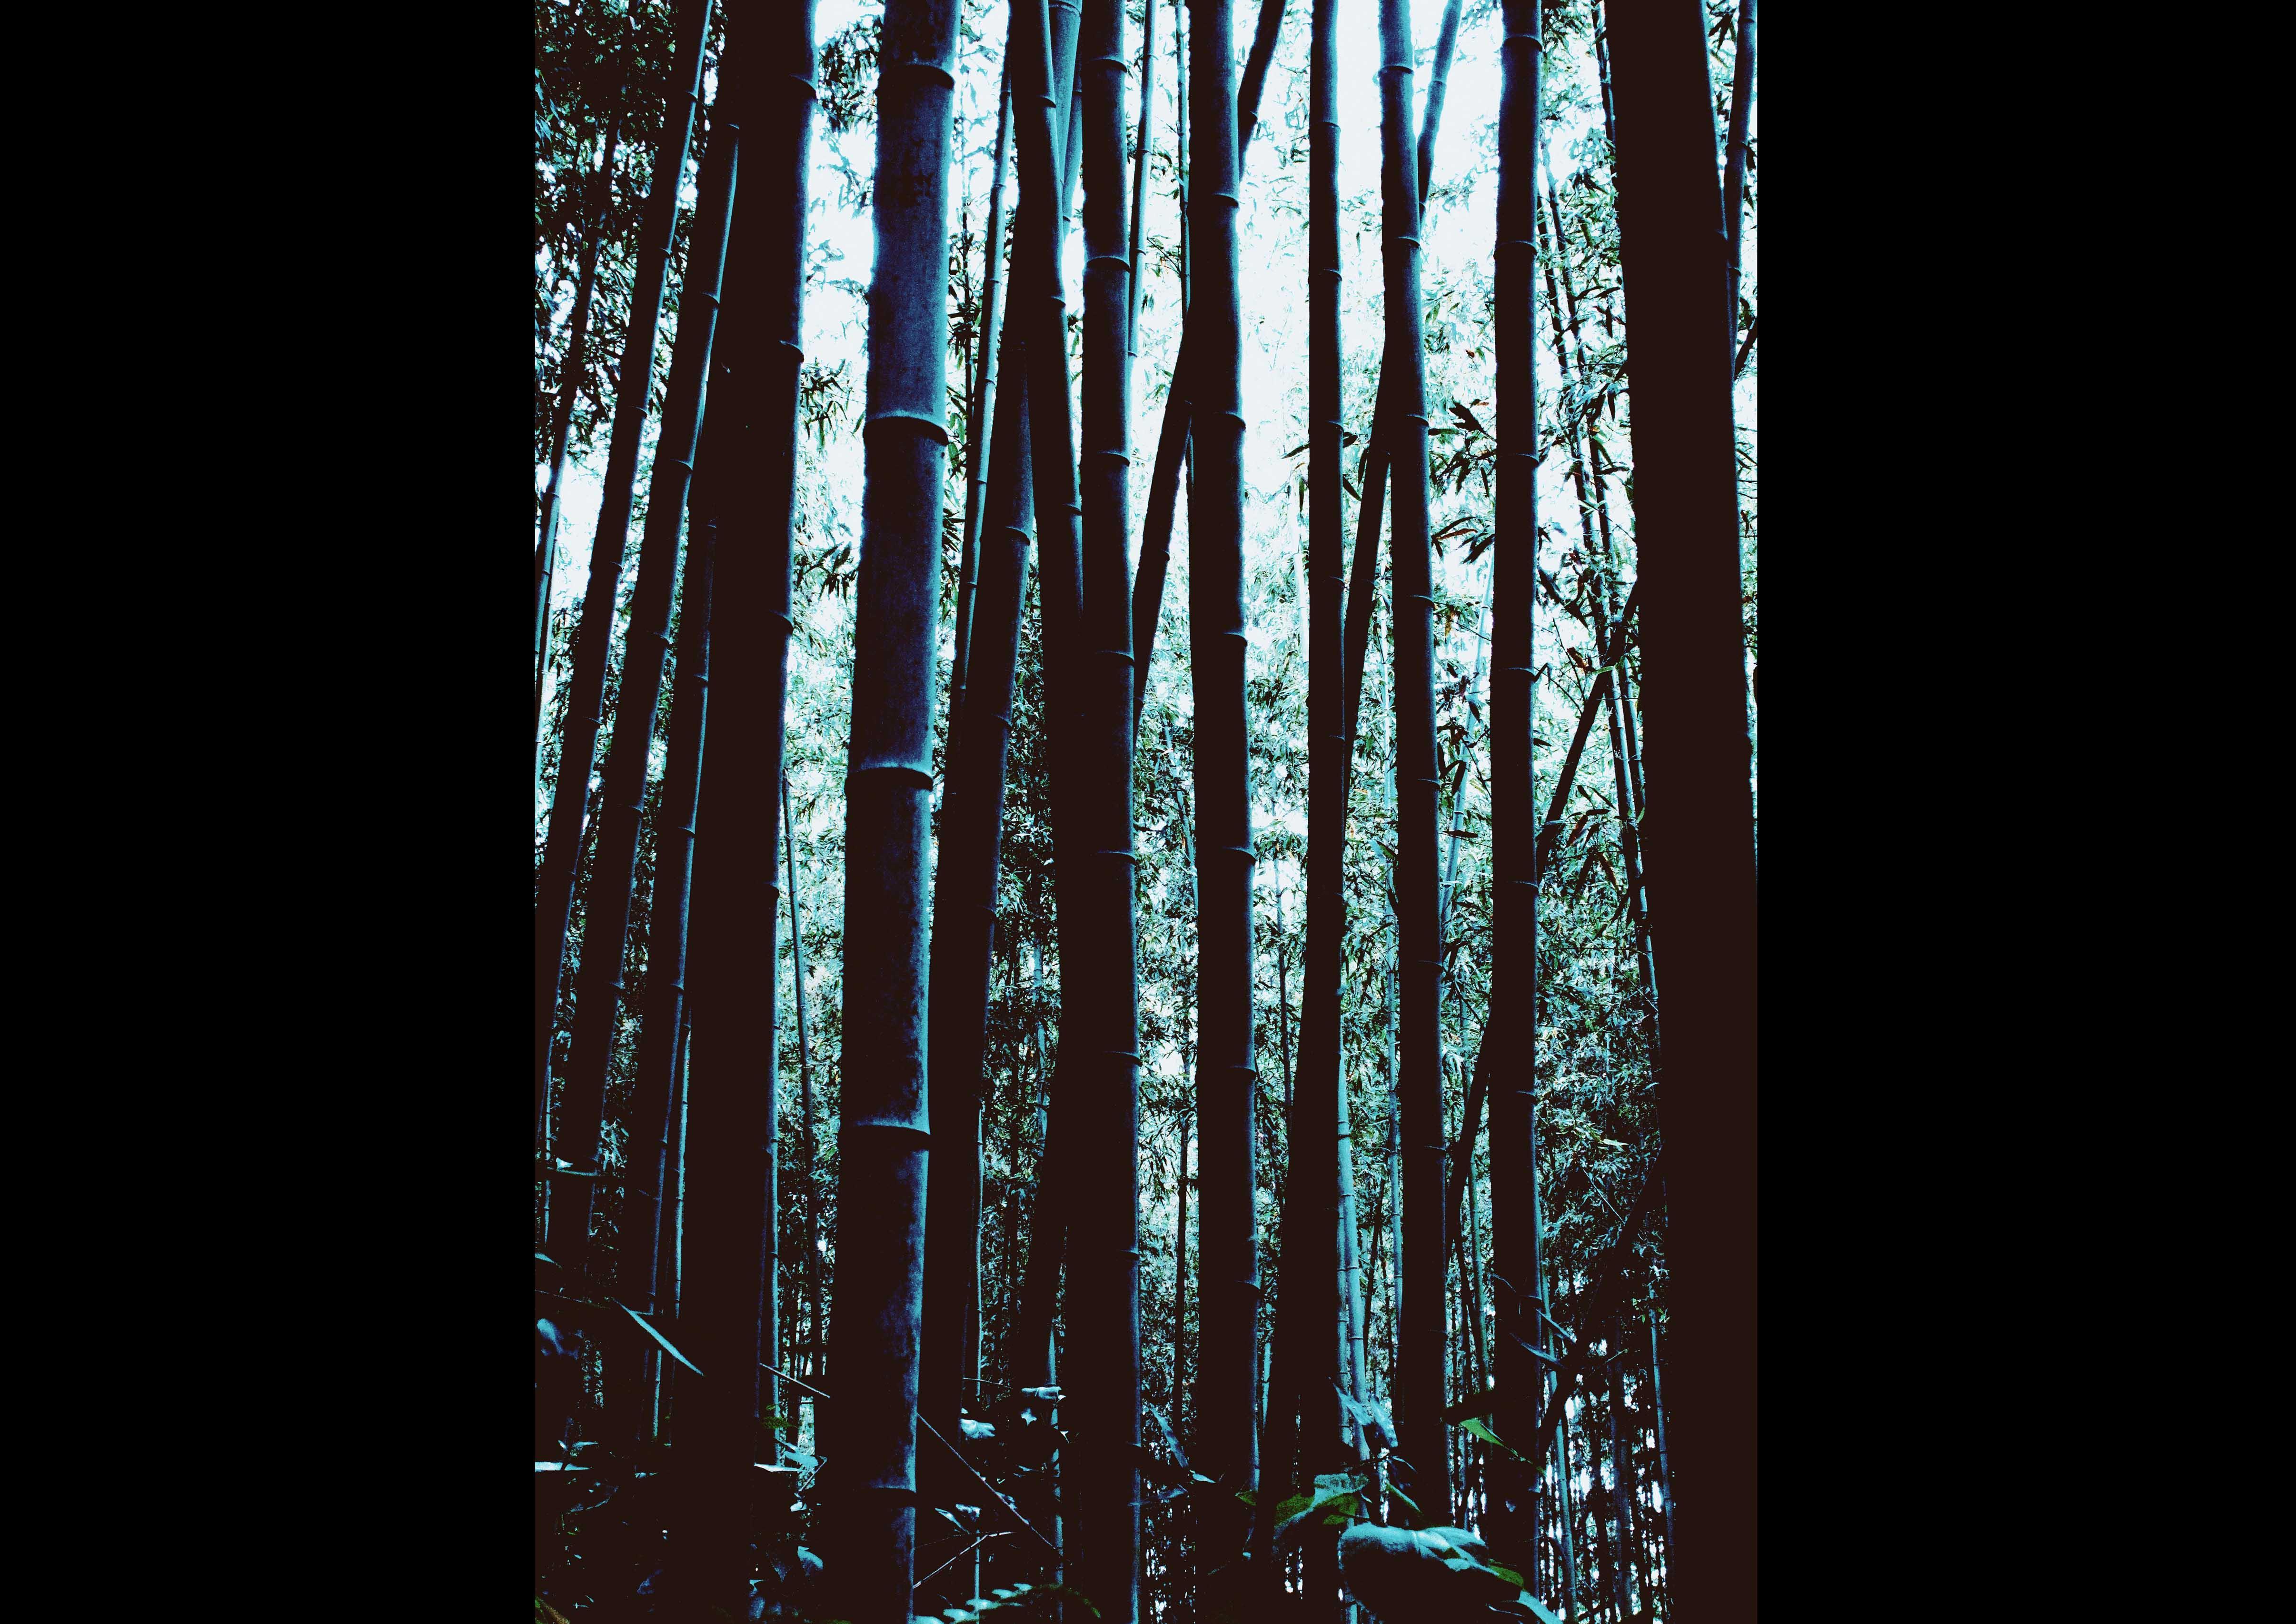 竹 bamboo